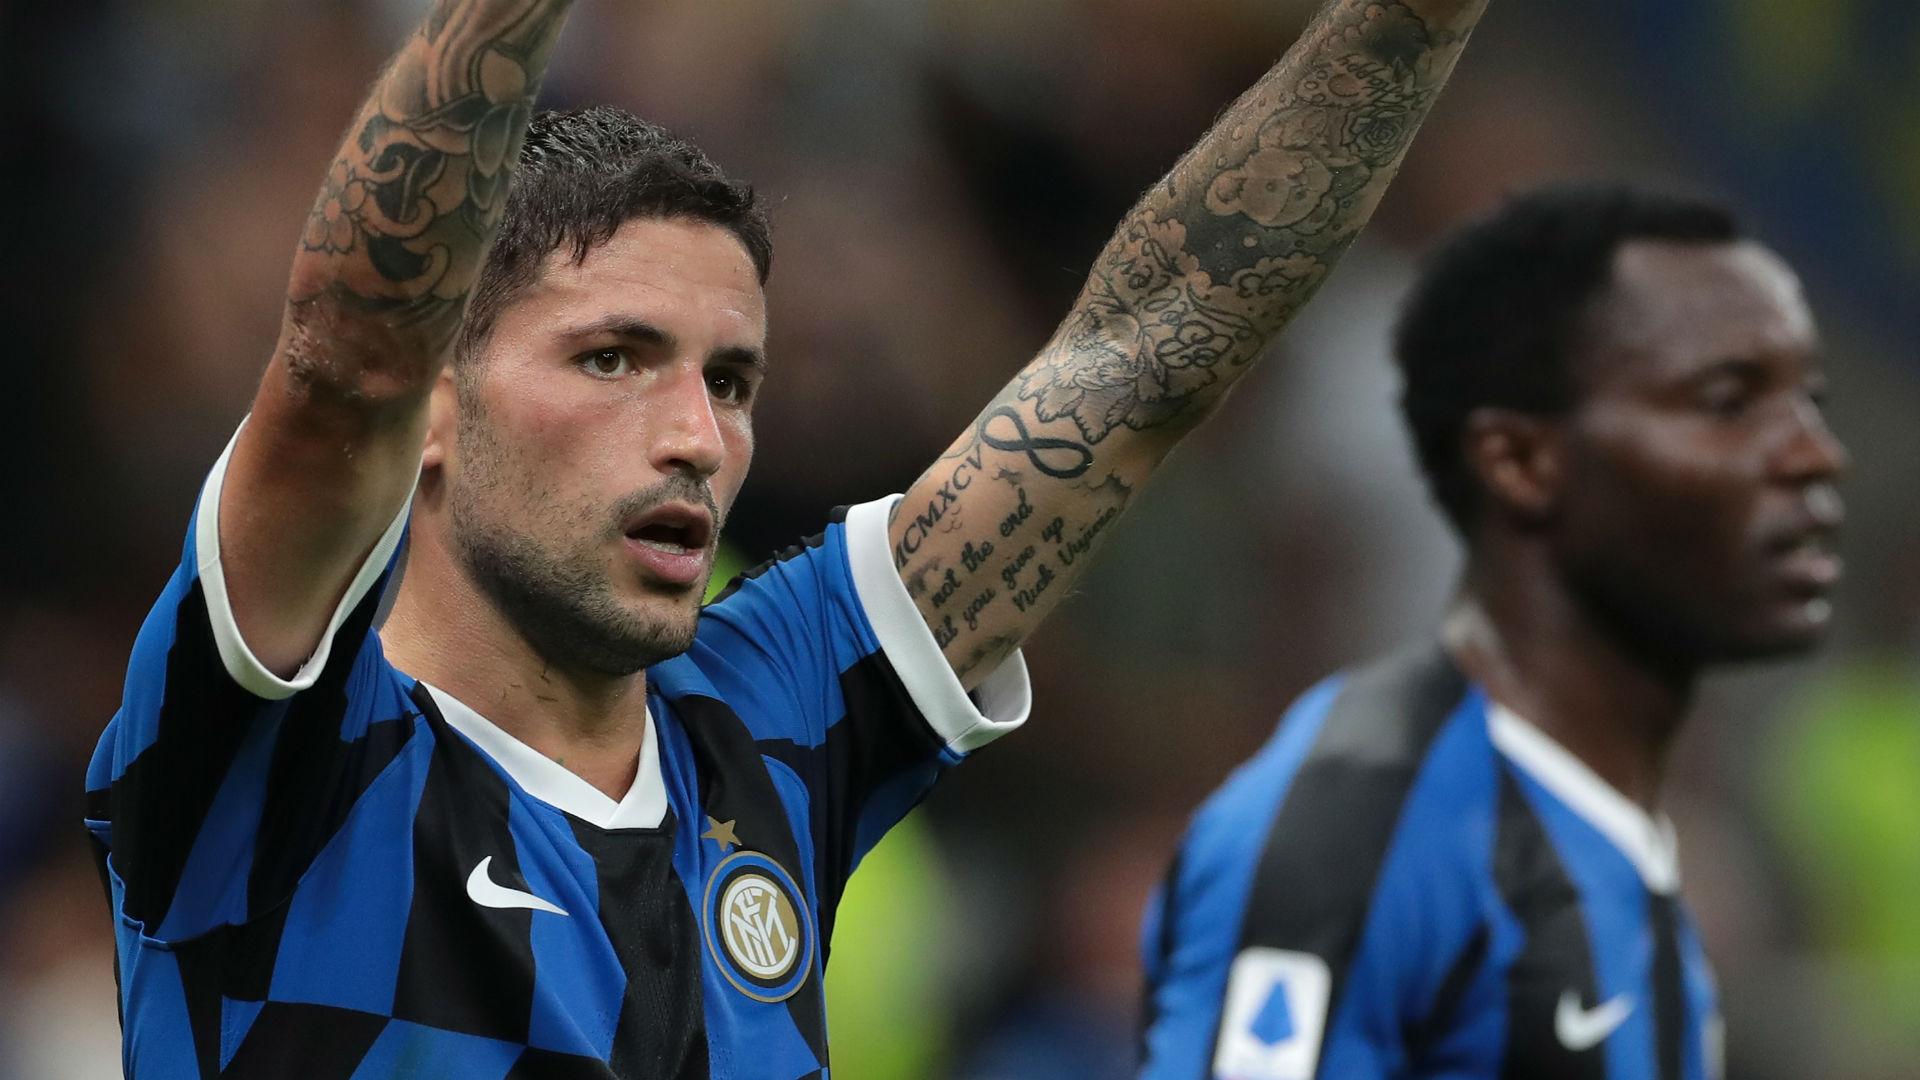 Infortunio Sensi, tegola per l'Inter: si ferma il centrocampista nerazzurro [DETTAGLI]